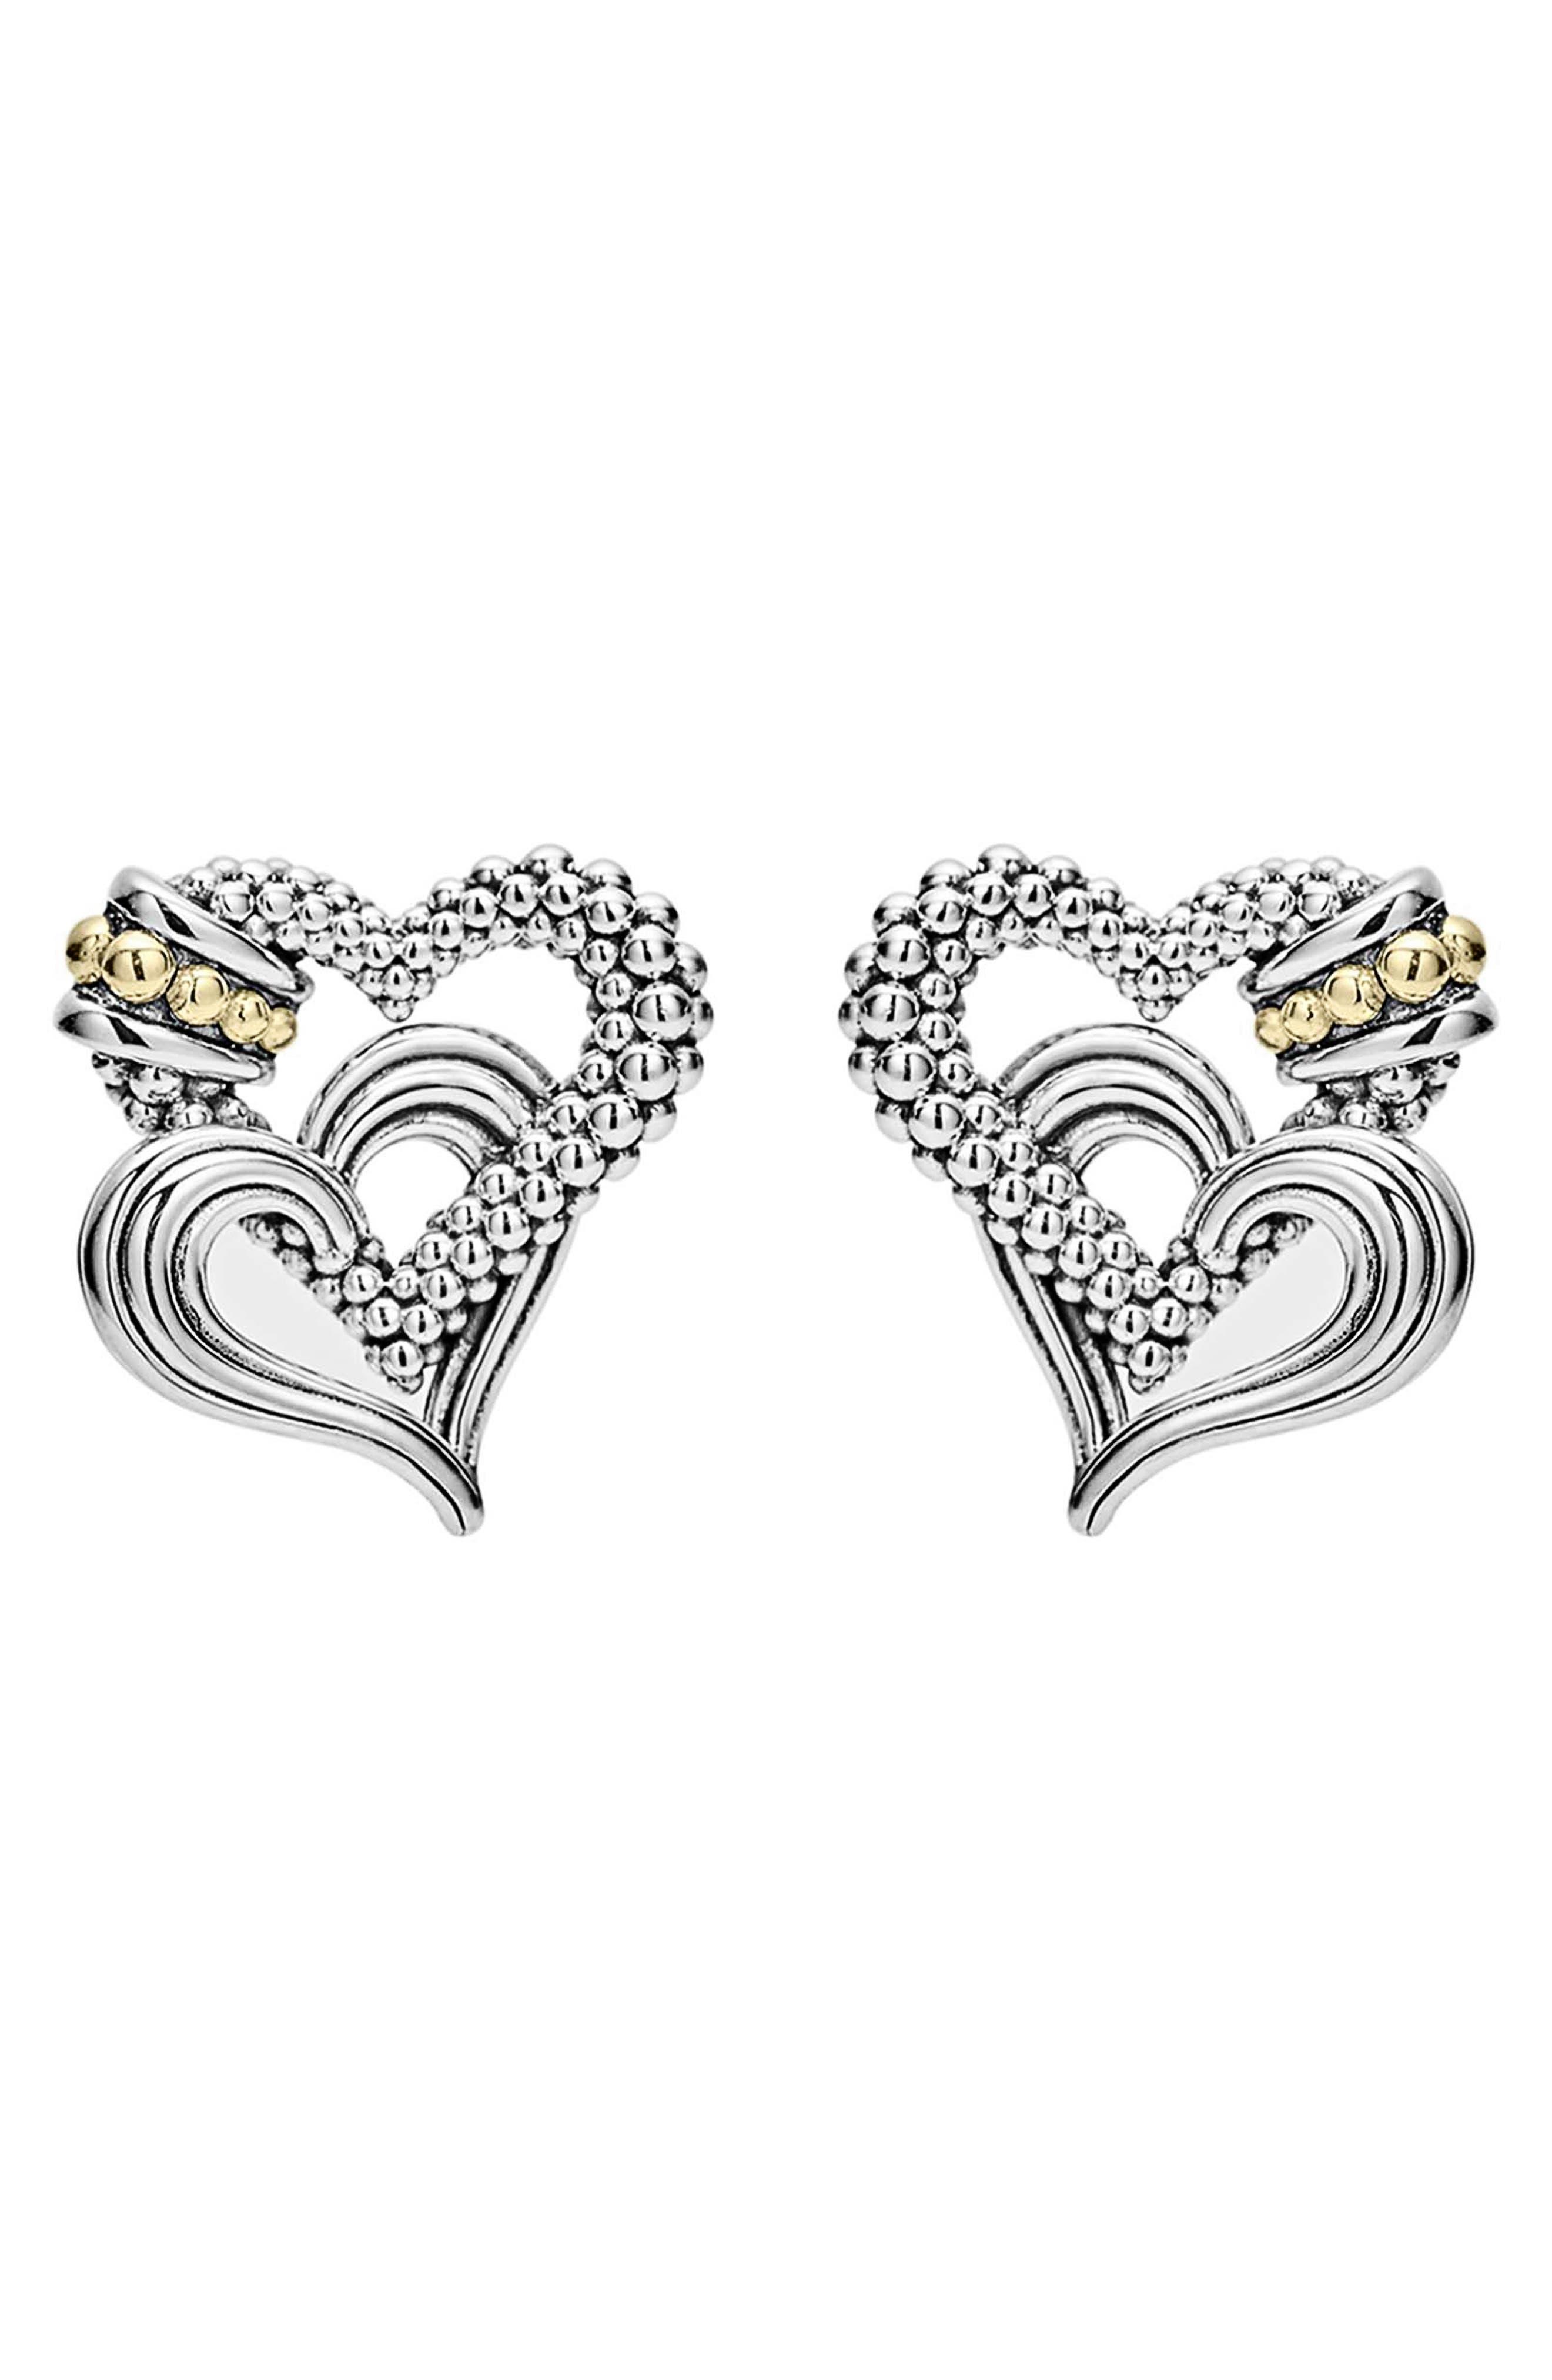 Beloved Stud Earrings,                             Alternate thumbnail 2, color,                             Sterling Silver